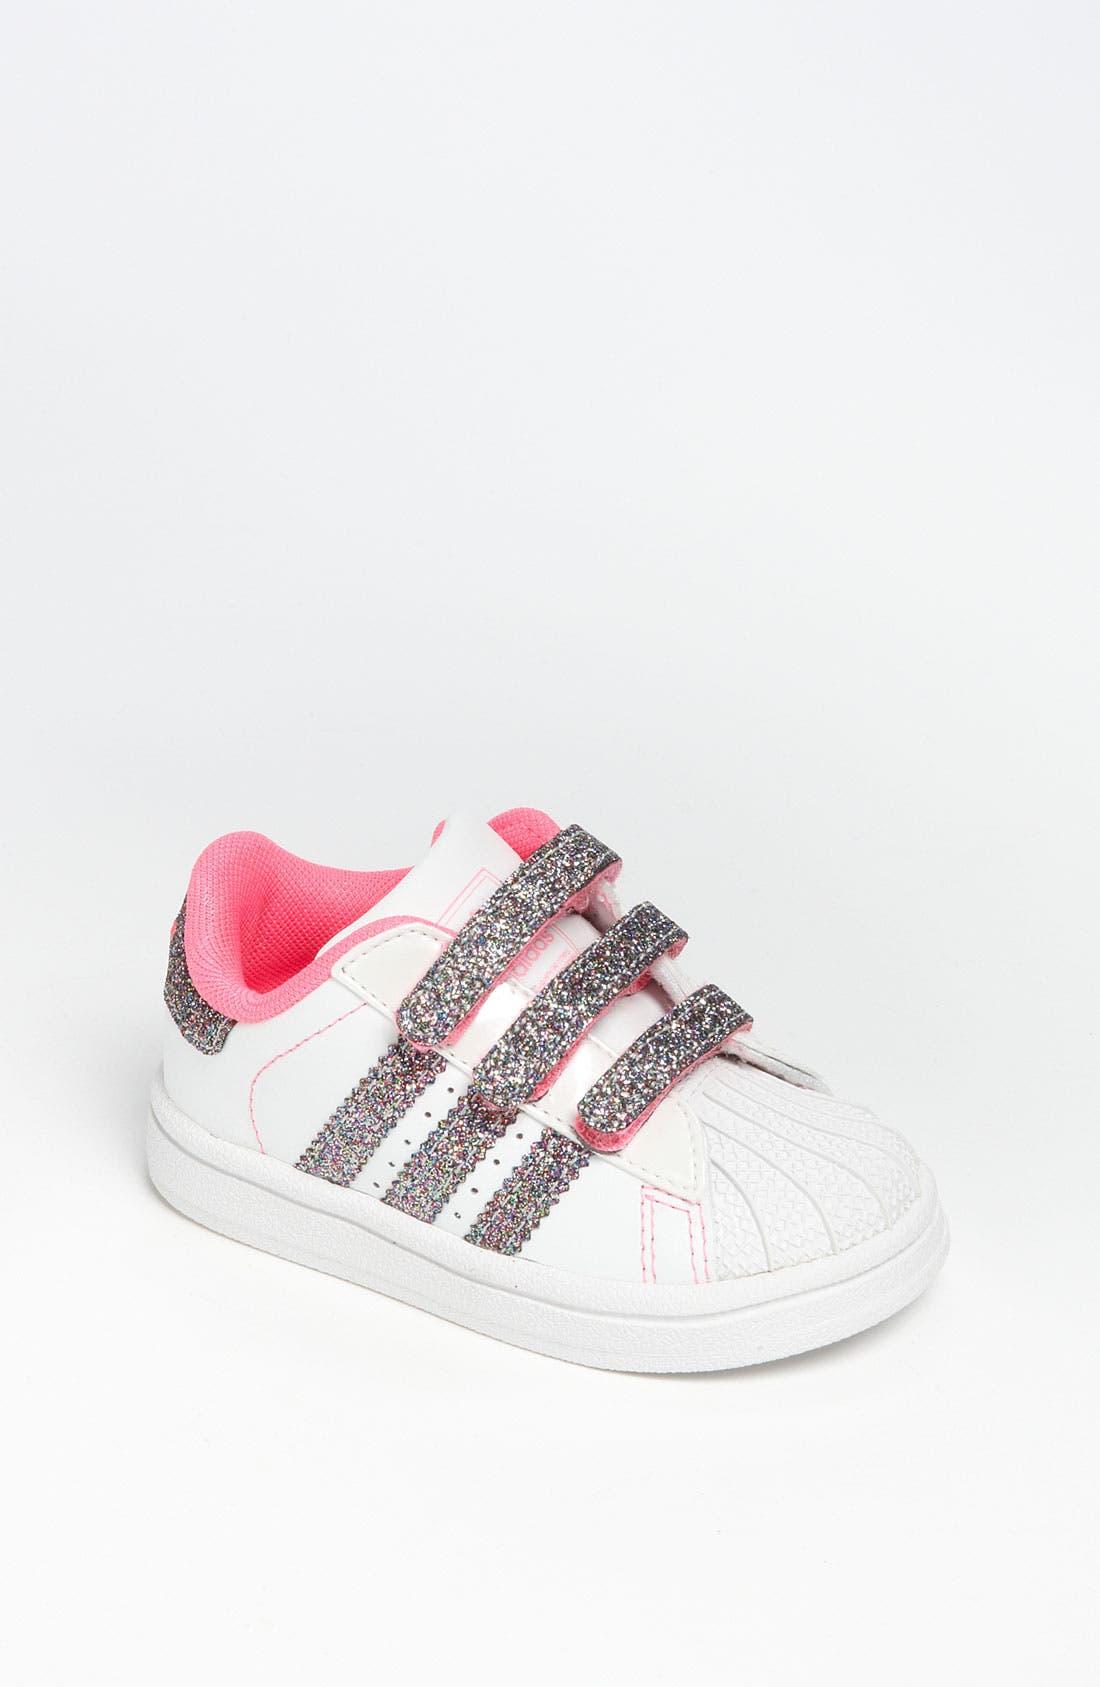 Alternate Image 1 Selected - adidas 'Sparkle Superstar 2' Sneaker (Baby, Walker & Toddler)